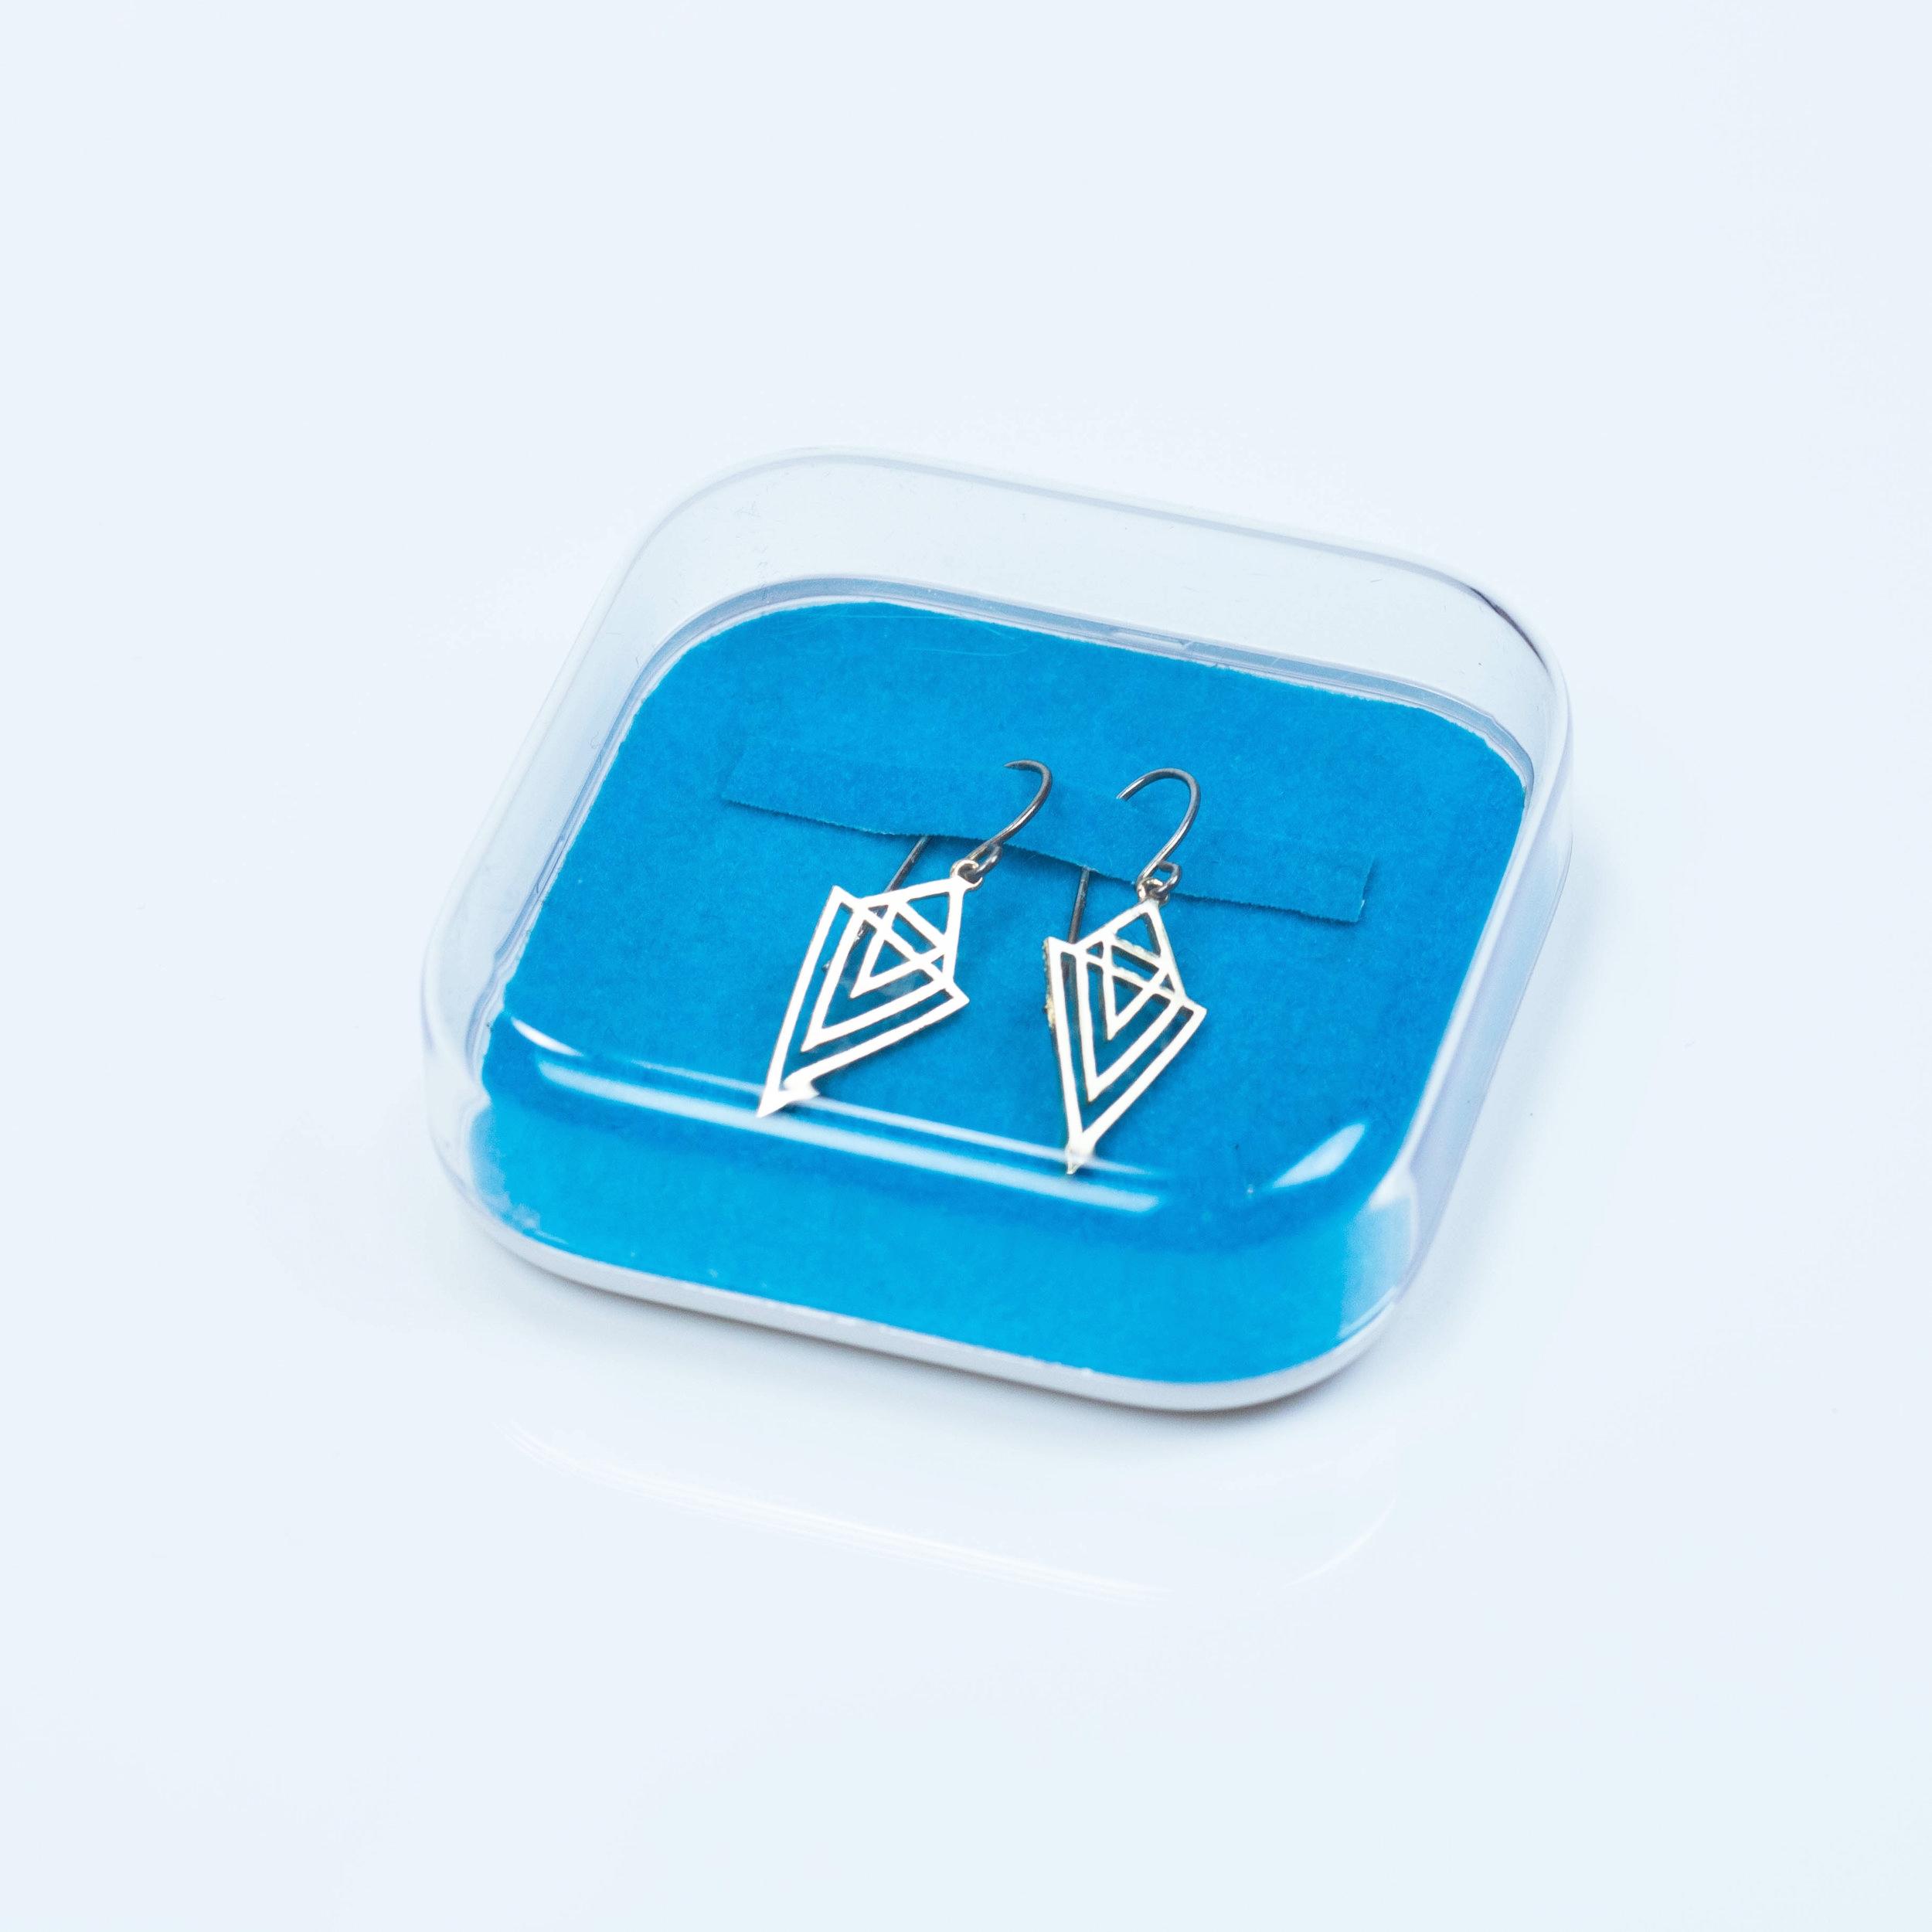 EarringBox - EarPods case